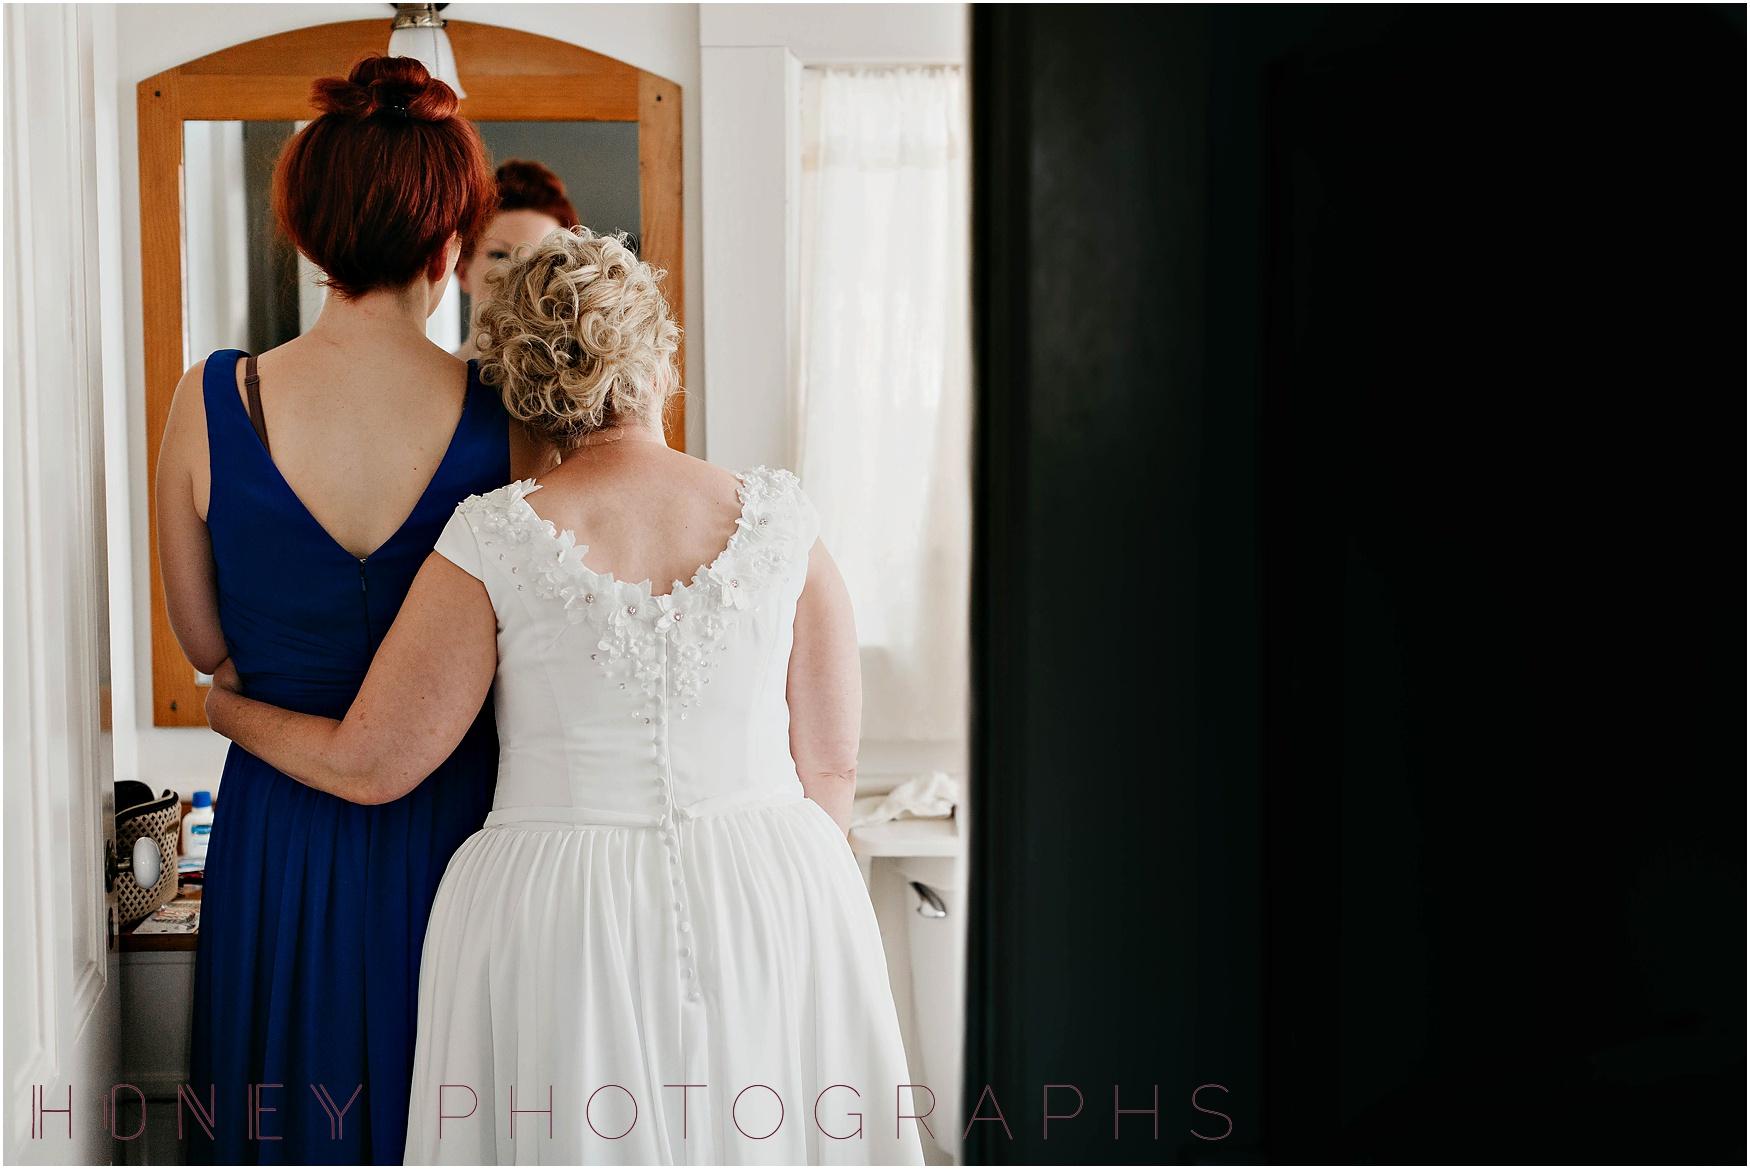 cambria-san-lois-obispo-wedding-garden-intimate11.jpg